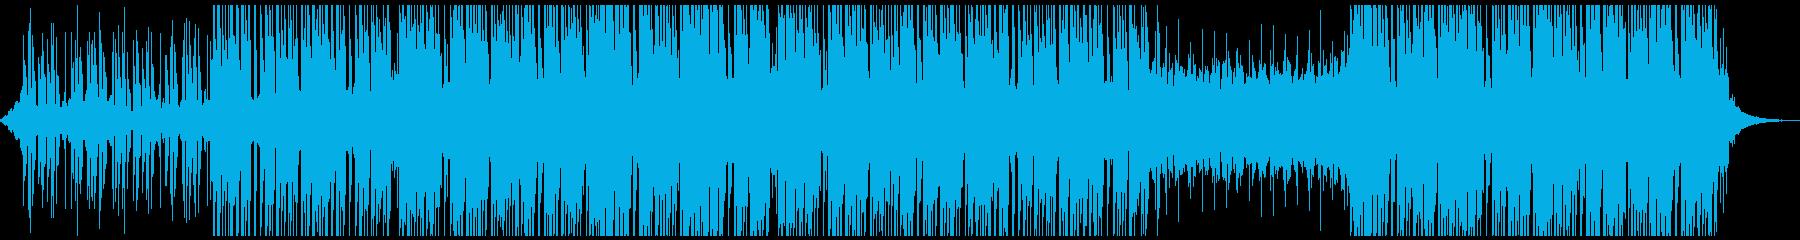 明るいインスピレーションの再生済みの波形